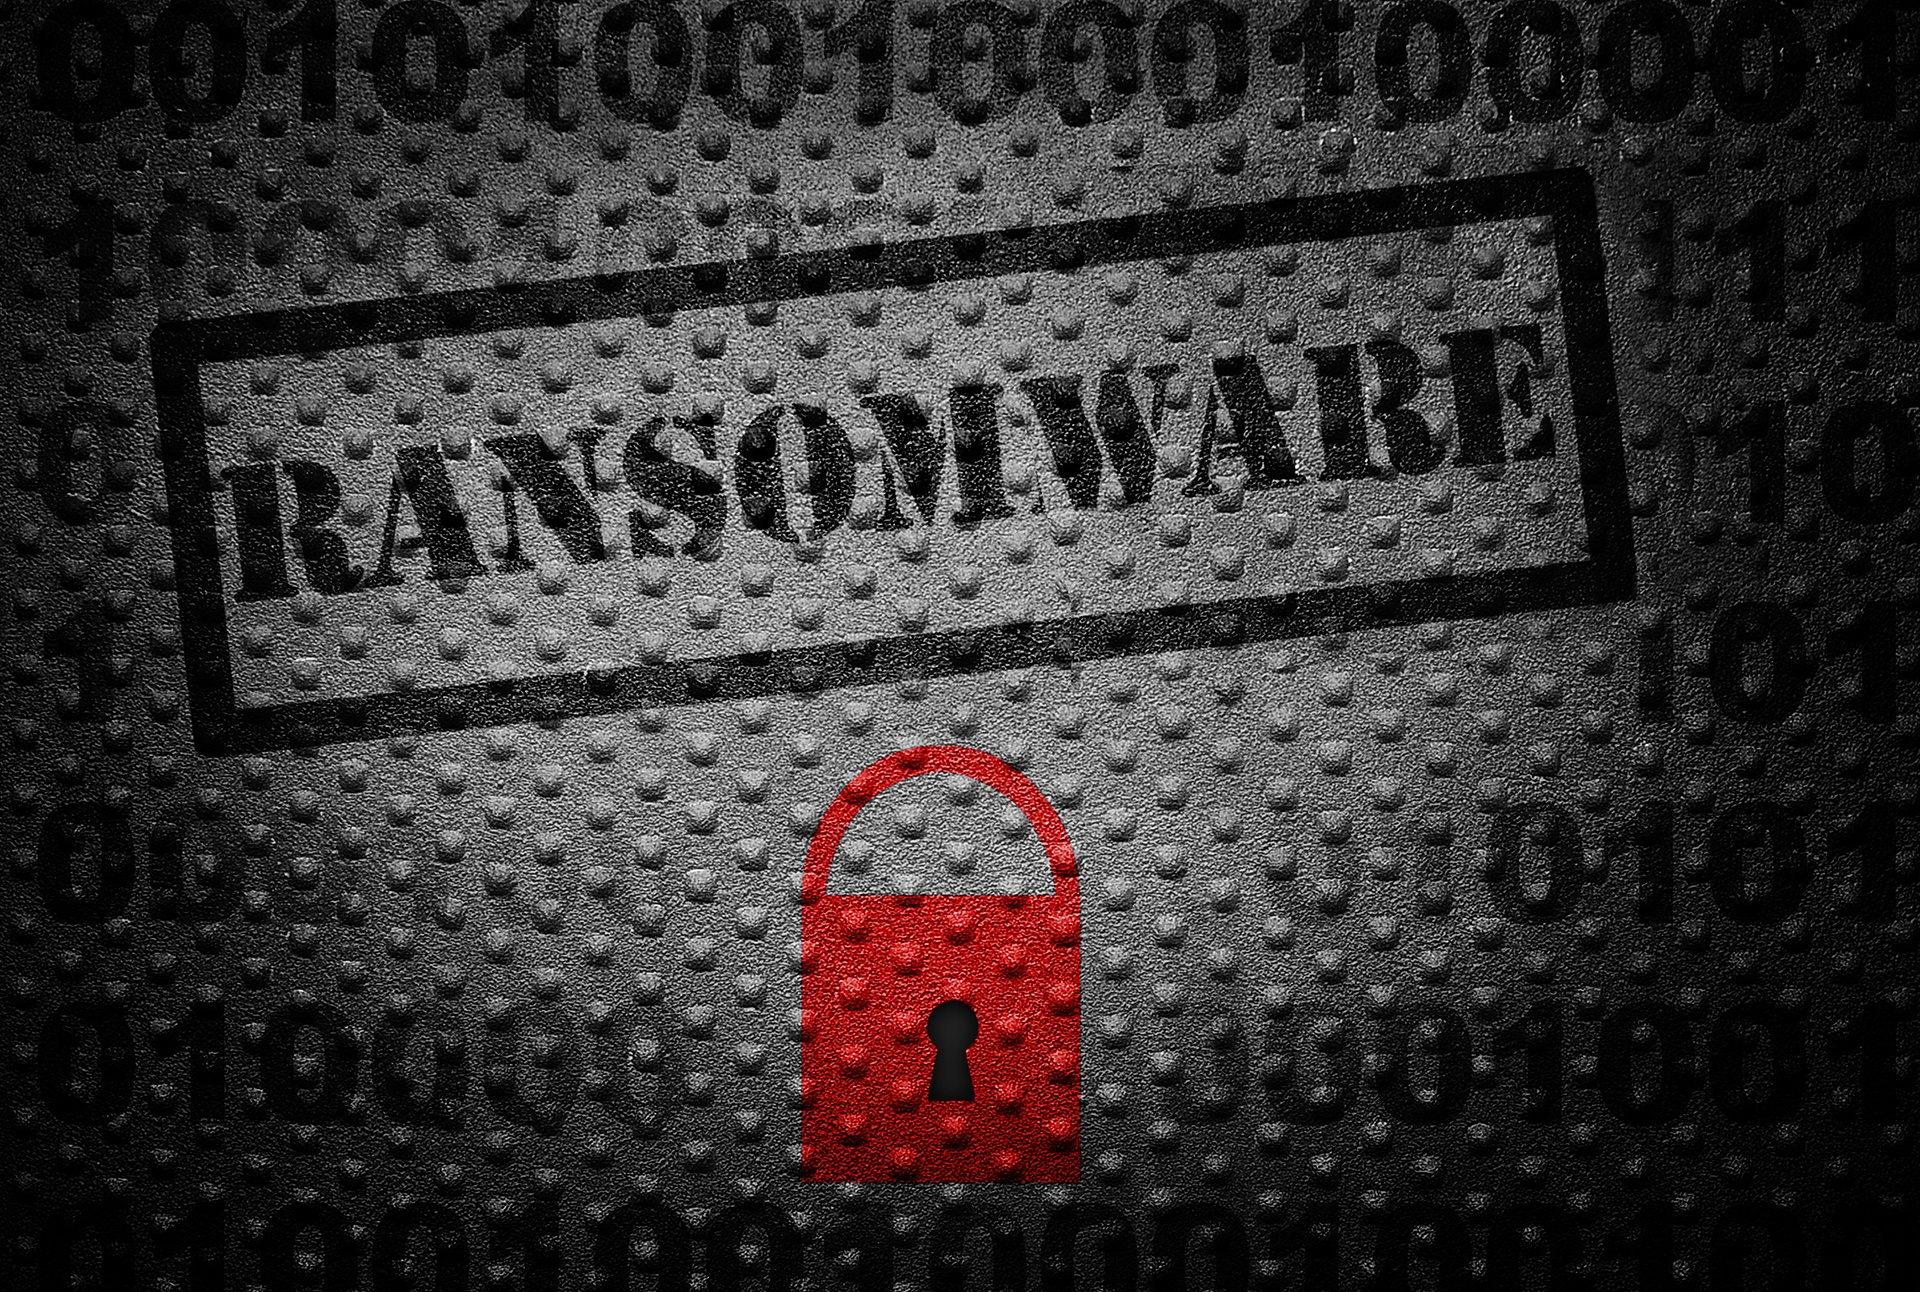 Шифровальщик Cerber ворует данные криптовалютных кошельков